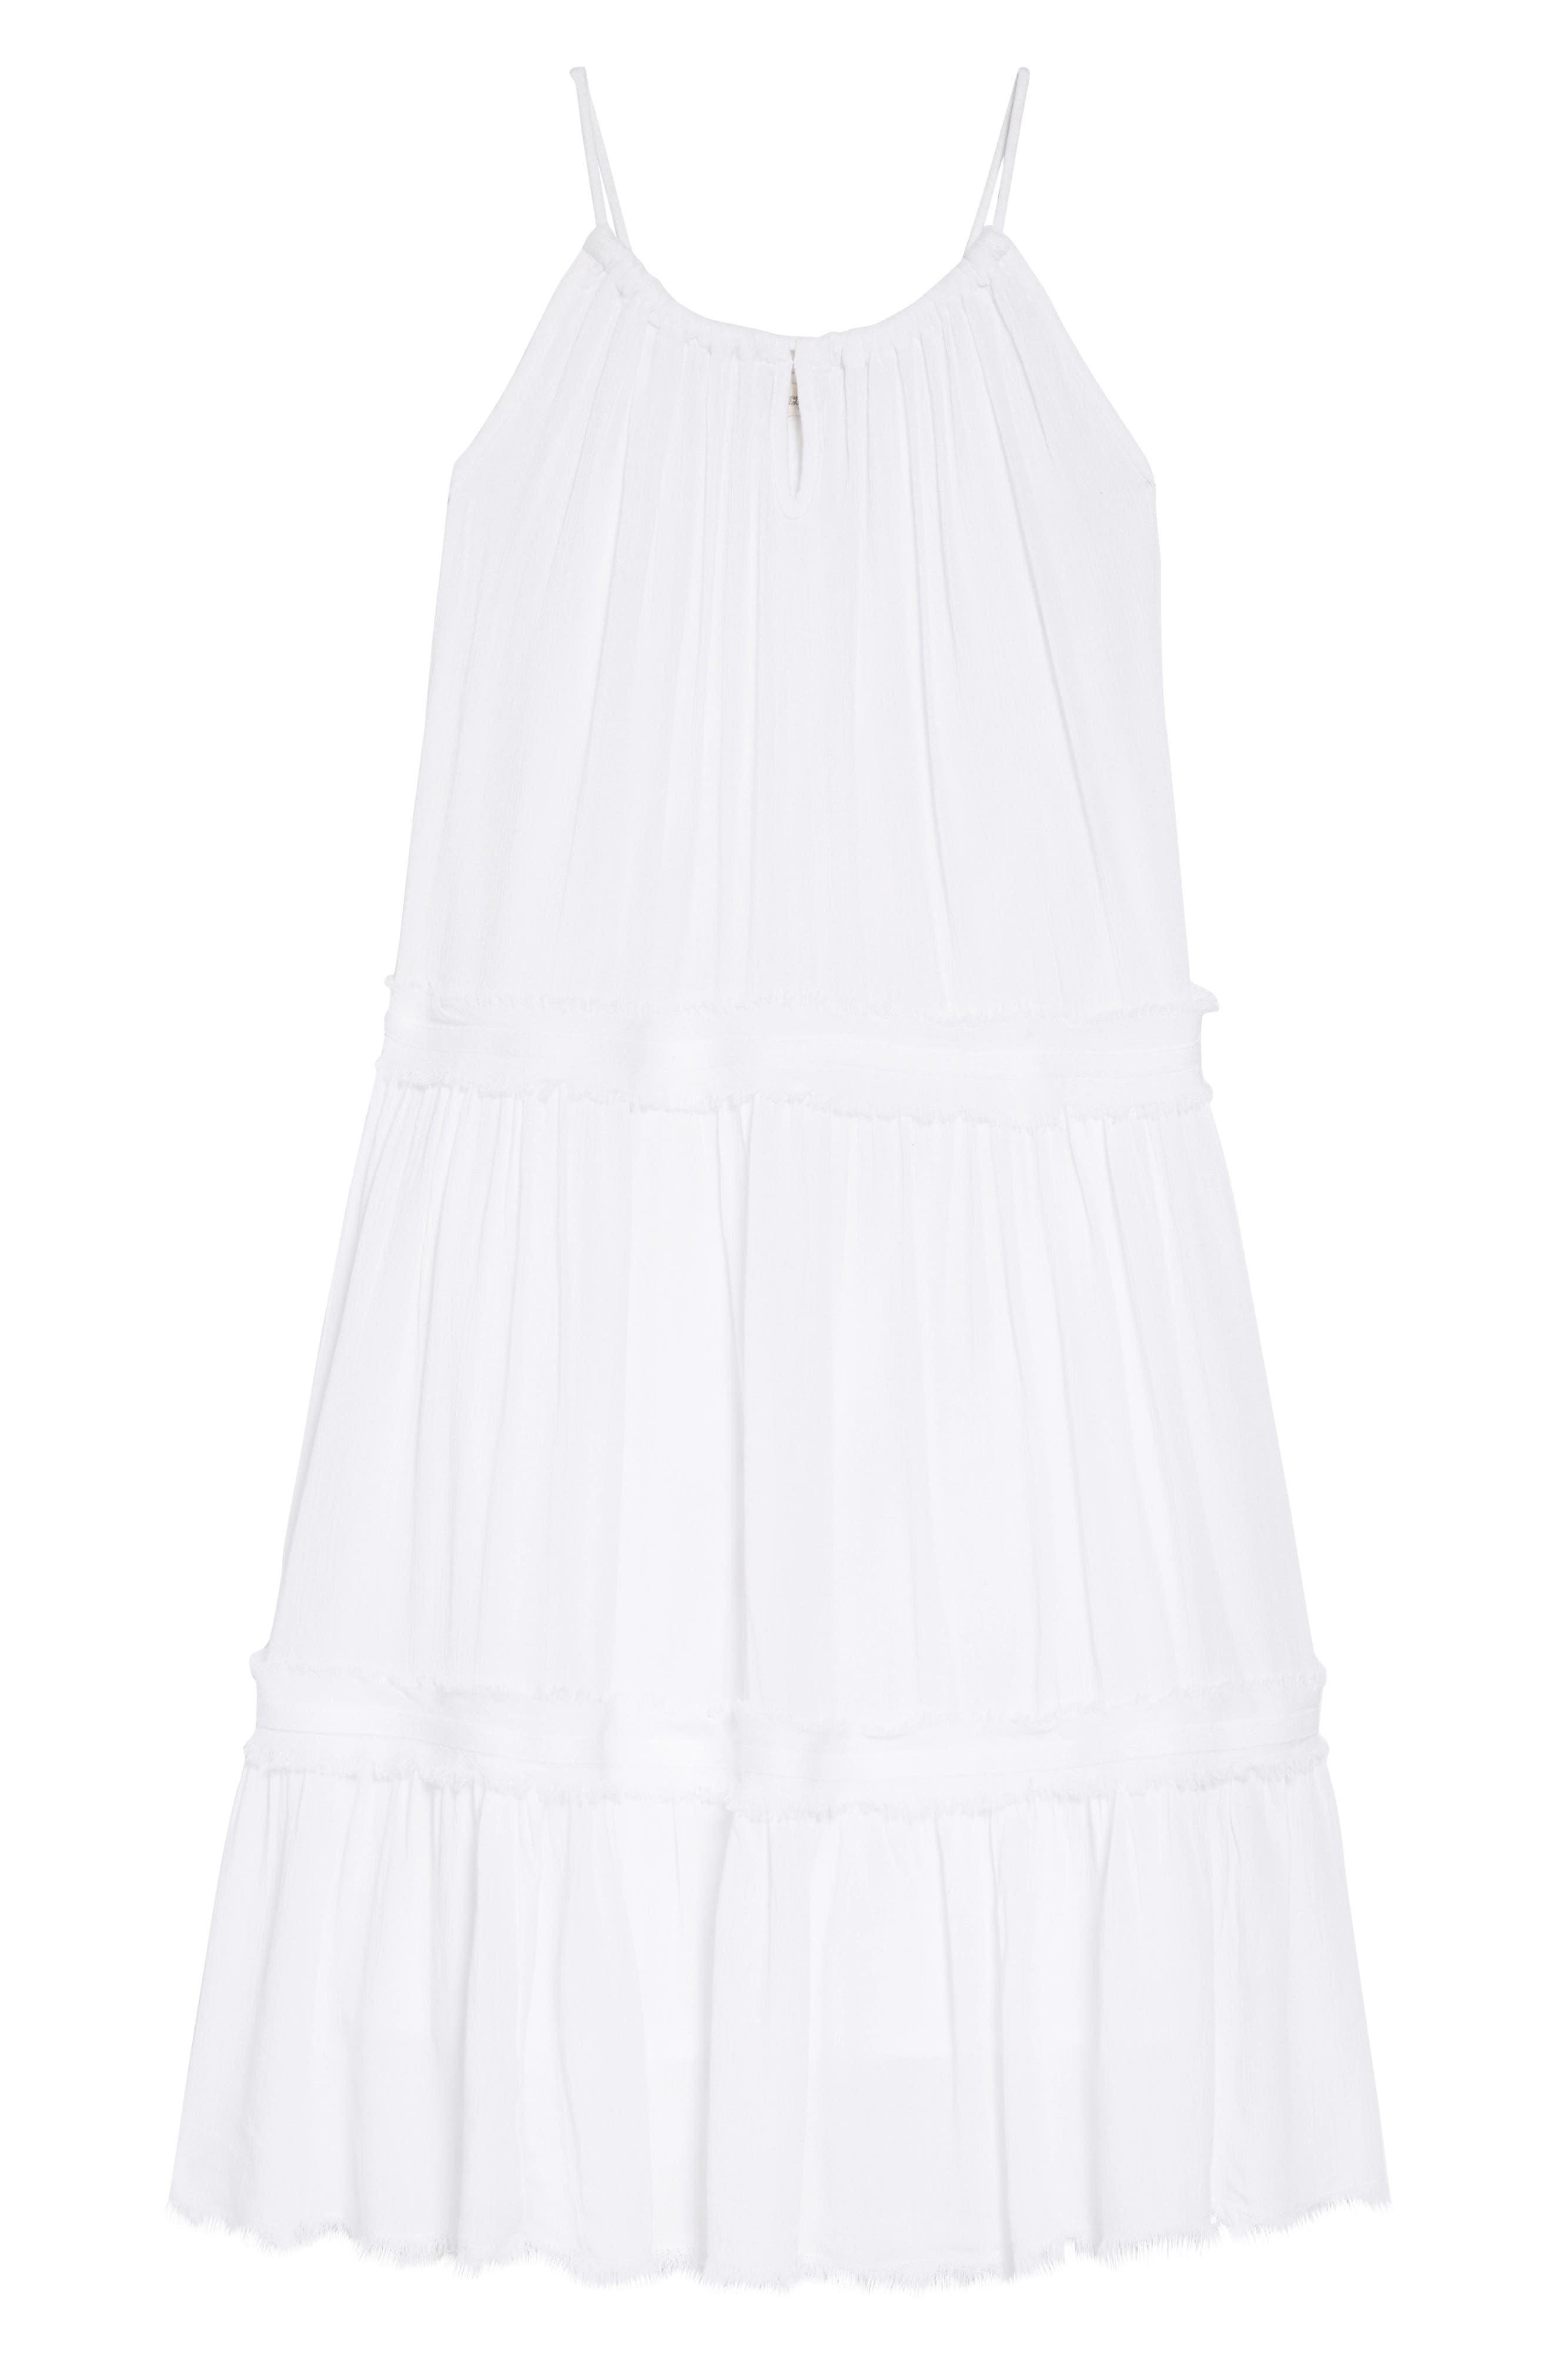 TUCKER + TATE, Gauzy Tiered Sundress, Main thumbnail 1, color, WHITE